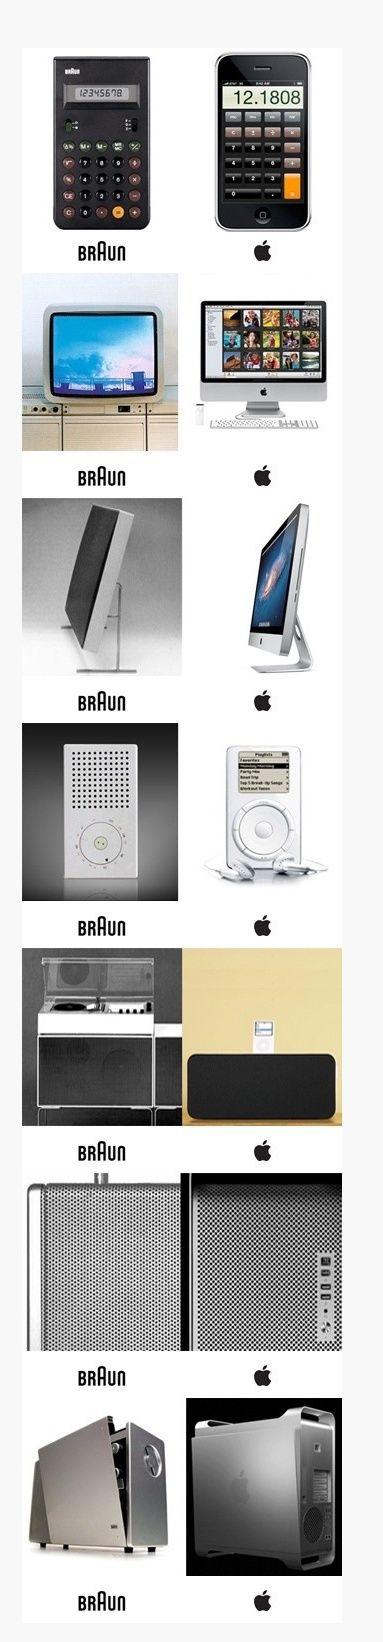 애플에 영감을 준 디자인